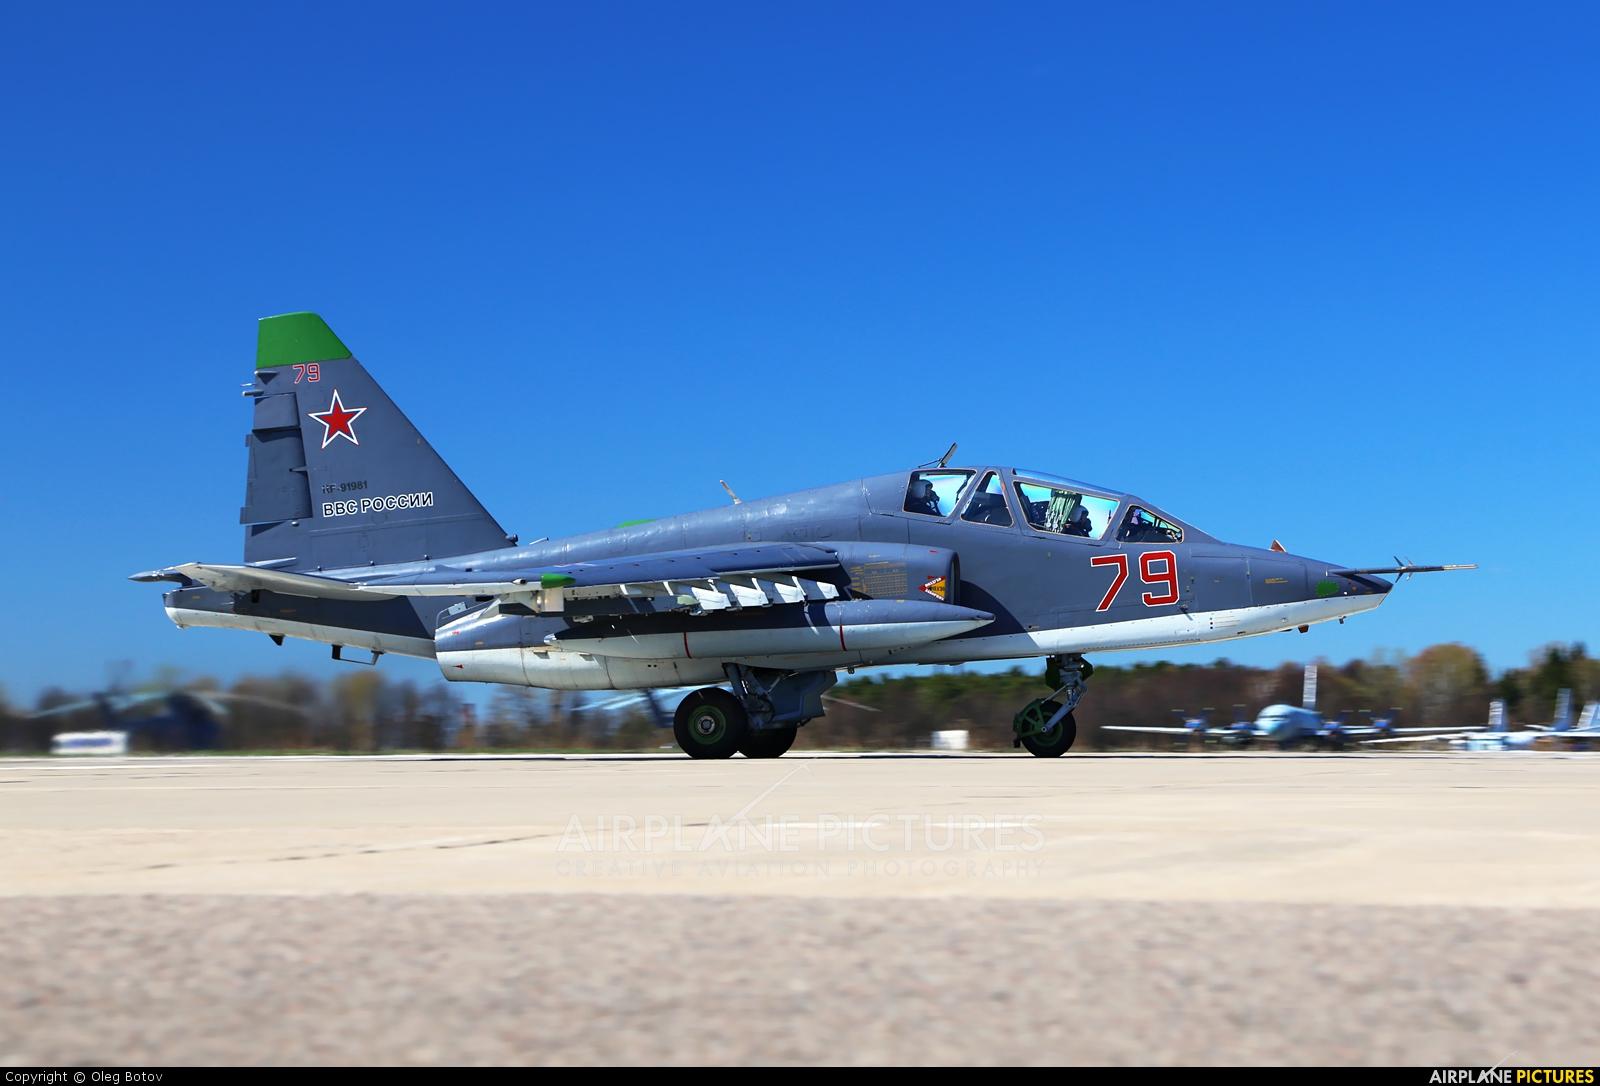 Russia - Air Force 79 aircraft at Kubinka